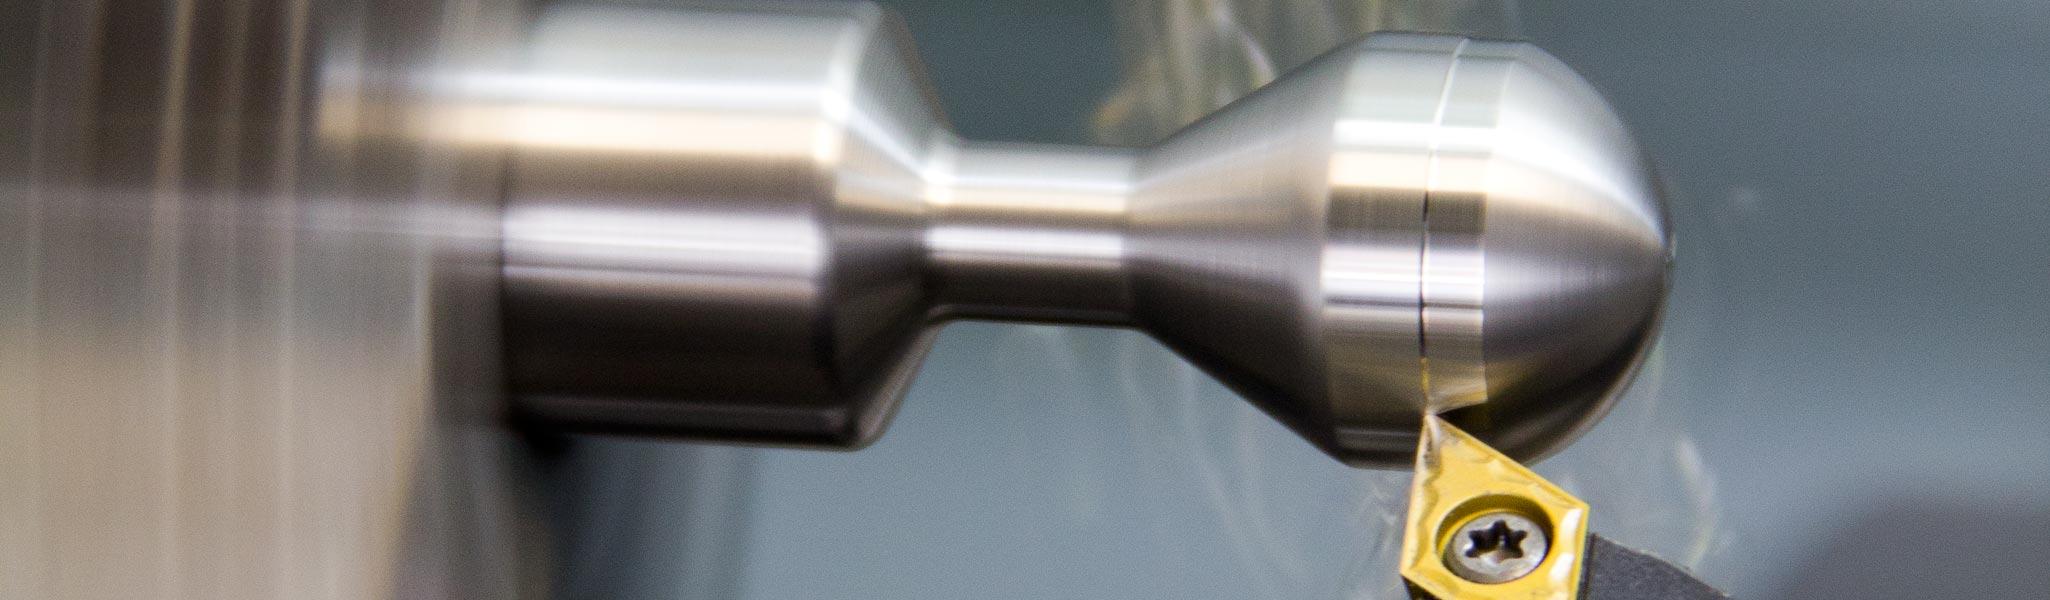 CNC sustruženie